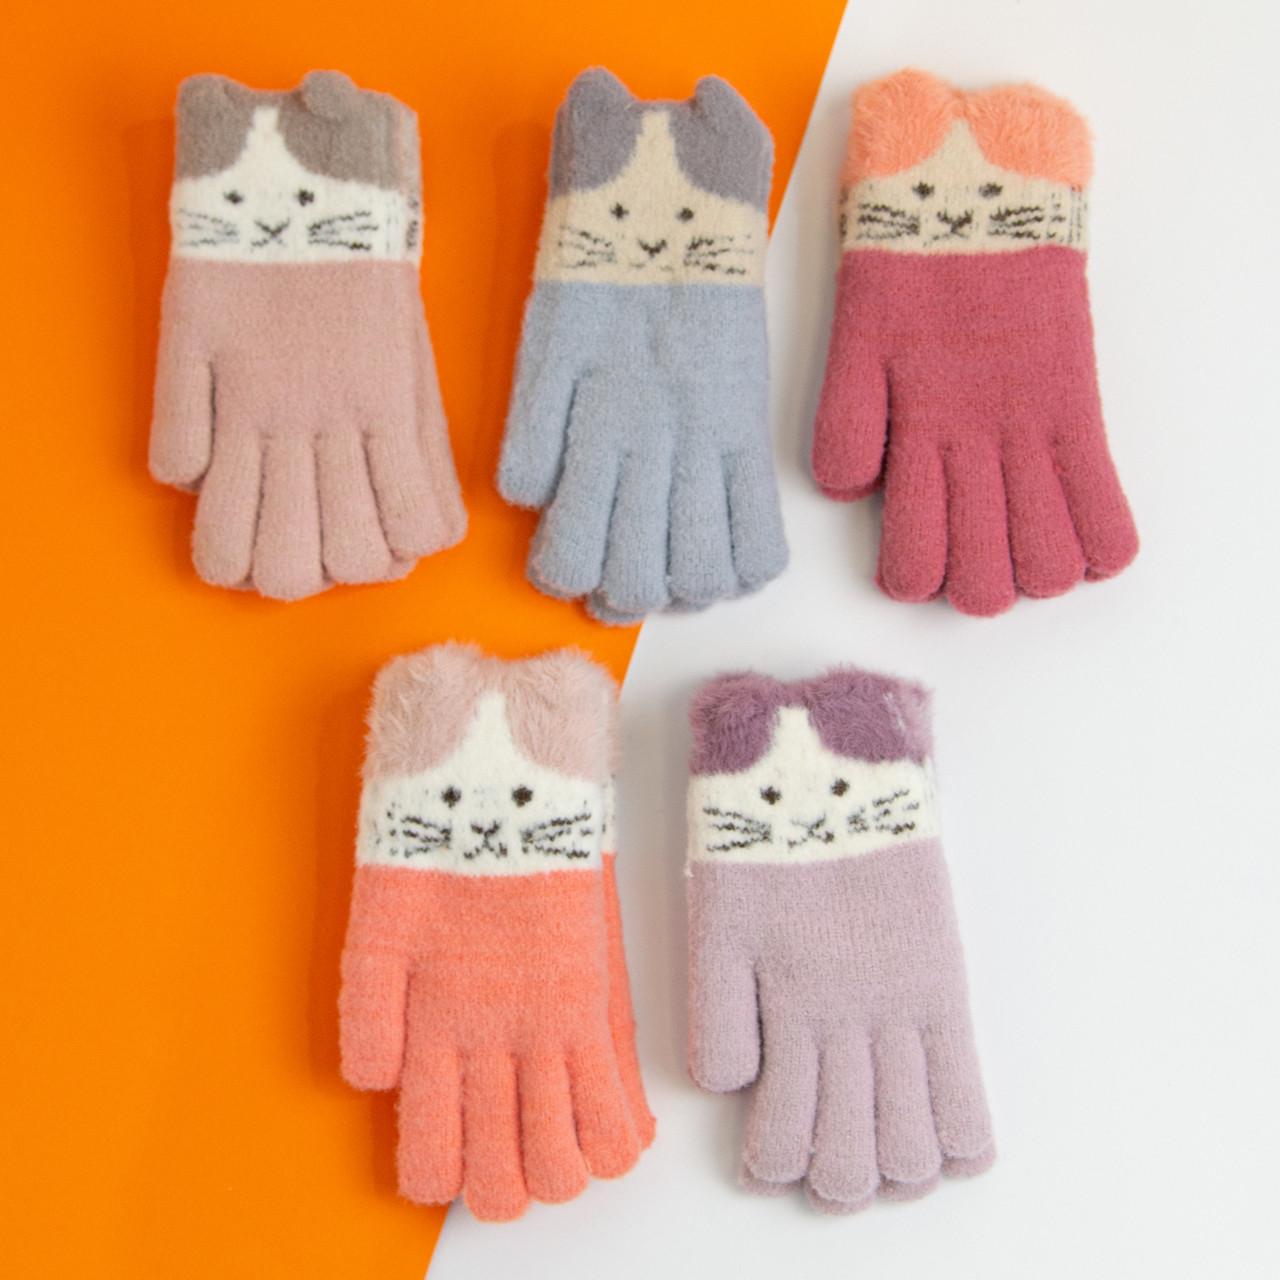 Оптом рукавички від 12 років для дівчаток зимові (арт. 20-25-20)